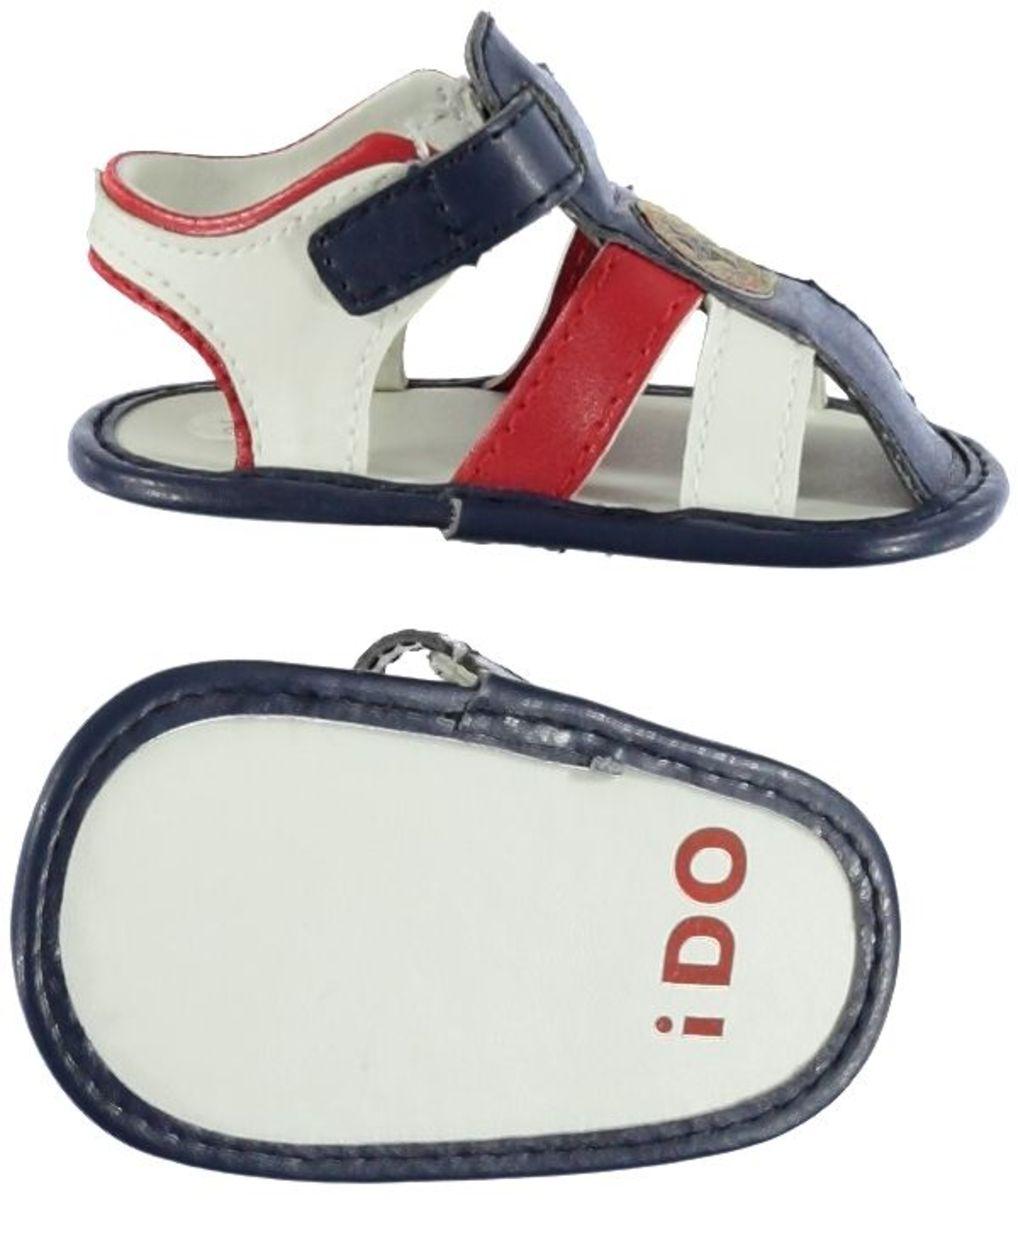 Sandalino per neonato da 0 a 18 mesi iDO - Miniconf Shop 71a18c4ec623